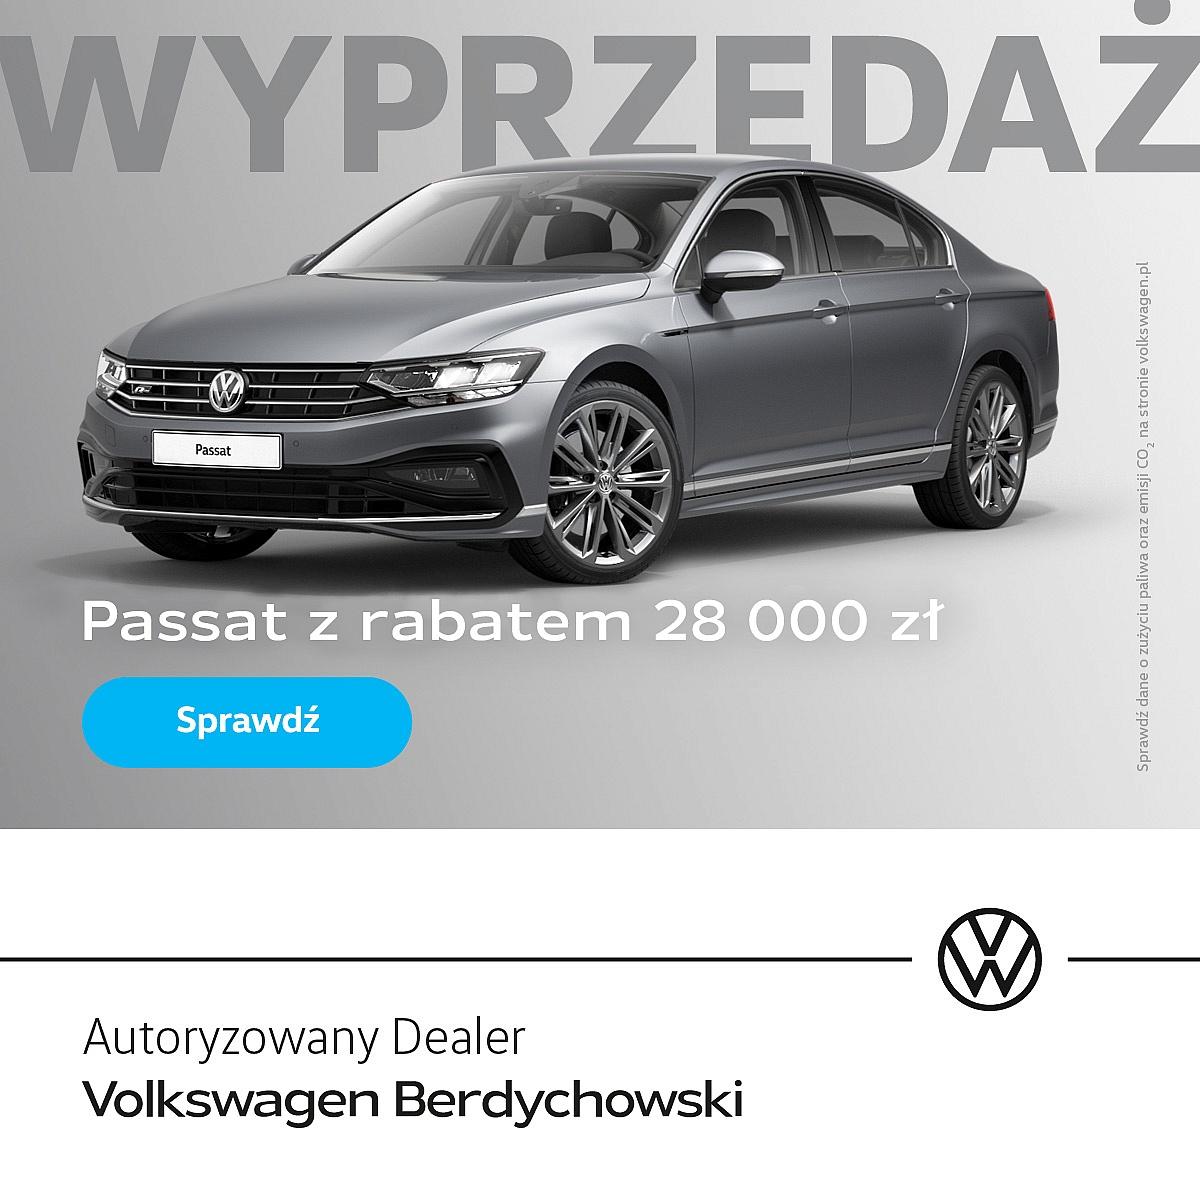 Volkswagen Bussines Care czyli Leasing z niską ratą i pełną obsługą serwisową